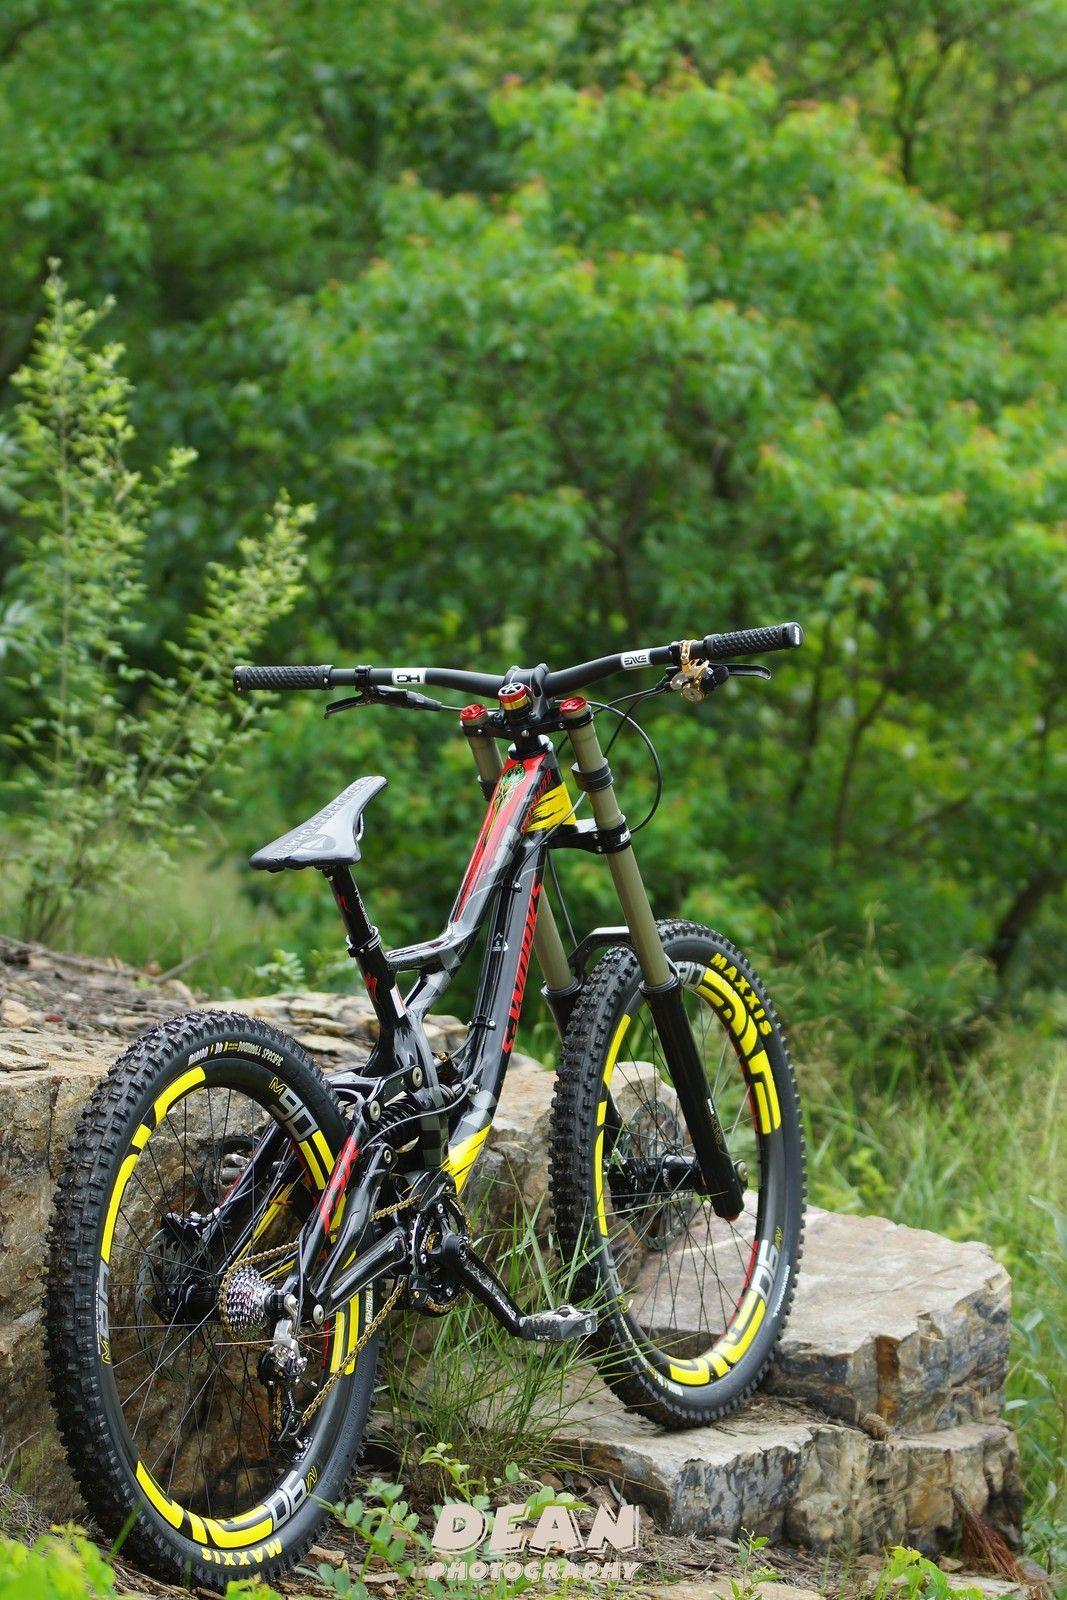 Pin By Mv 610 On Mountain Bikes Bicycle Mountain Bike Mtb Bike